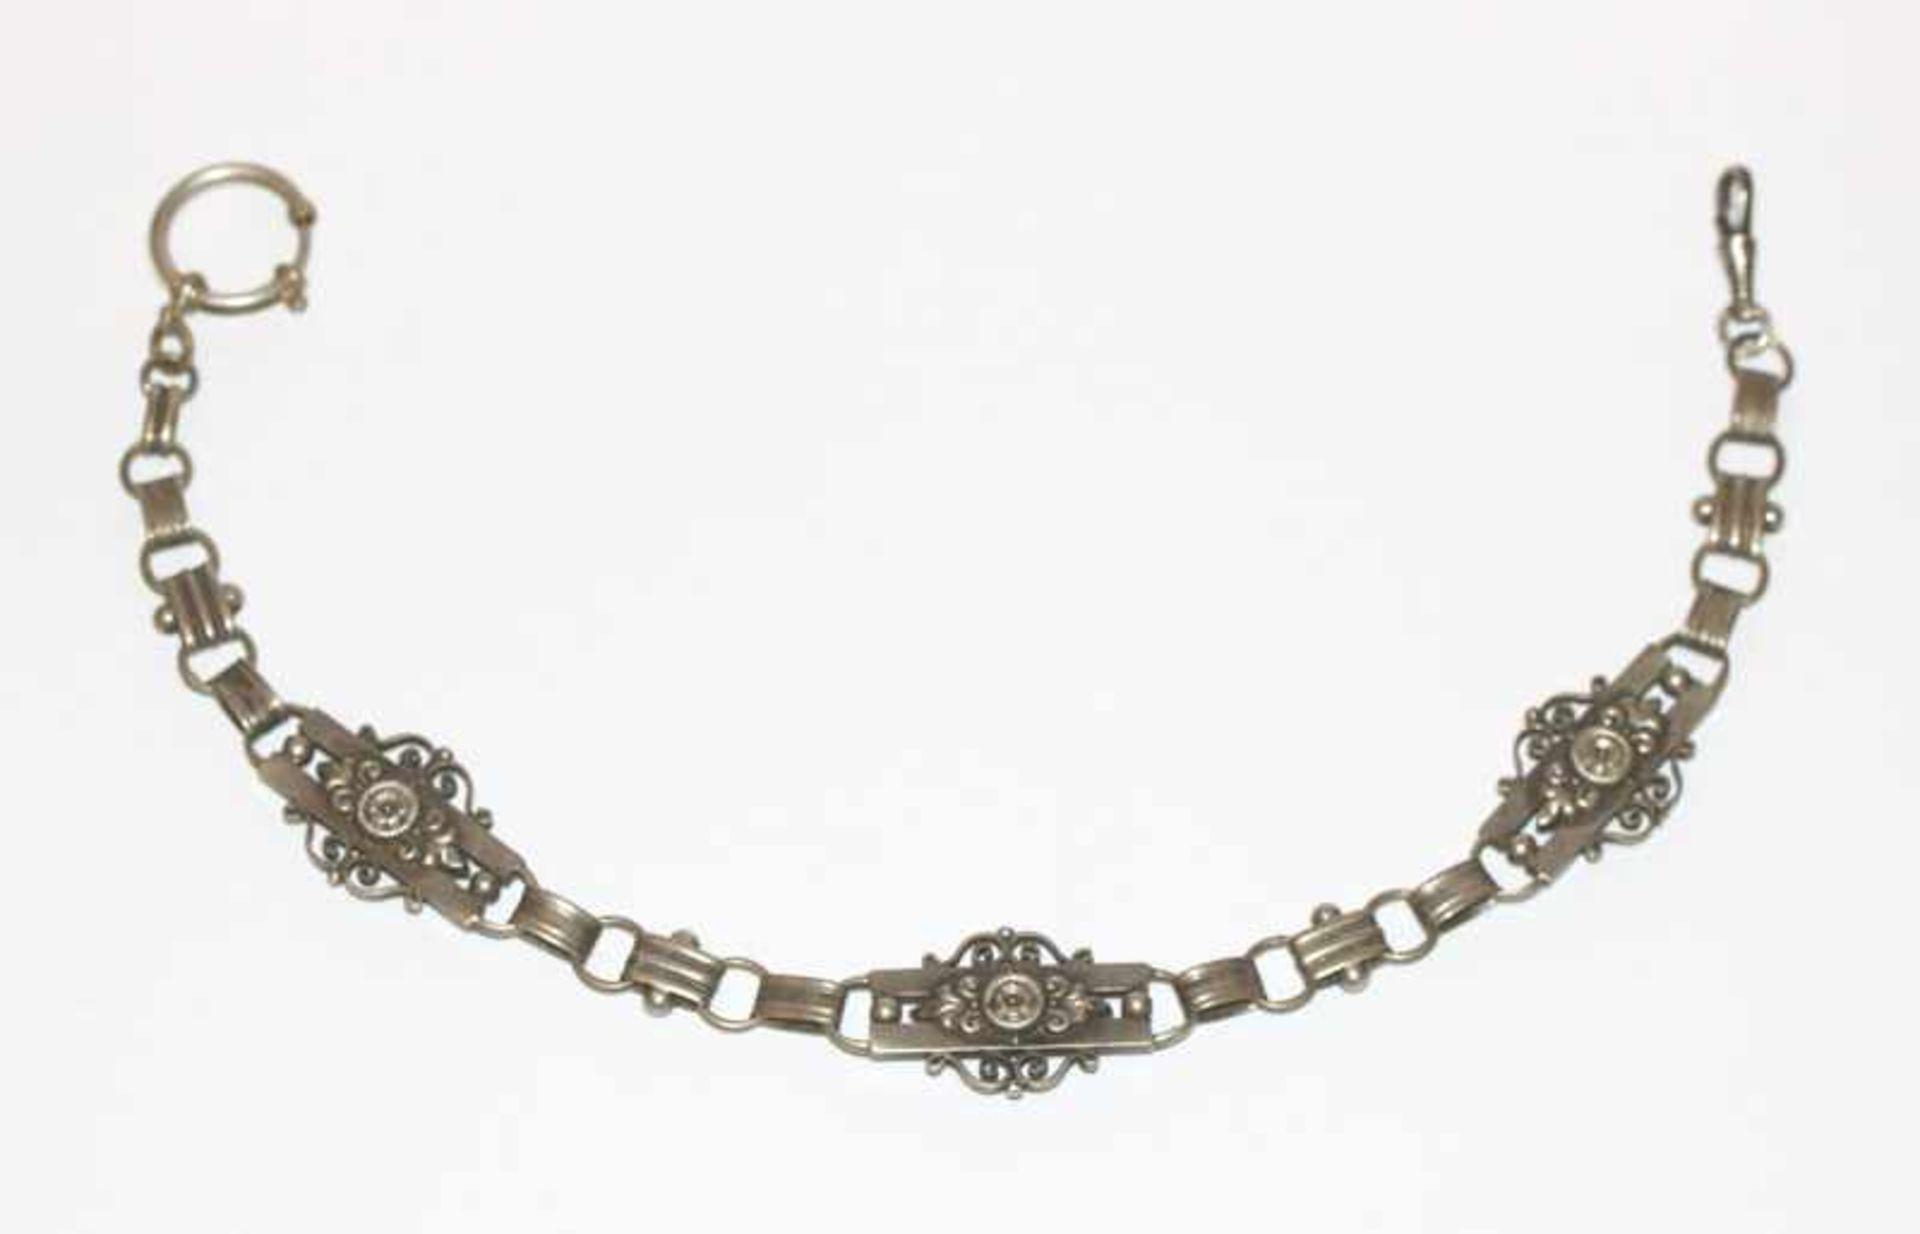 Los 16 - Silber Uhrenkette, 19. Jahrhundert, schöne Handarbeit, L 33 cm